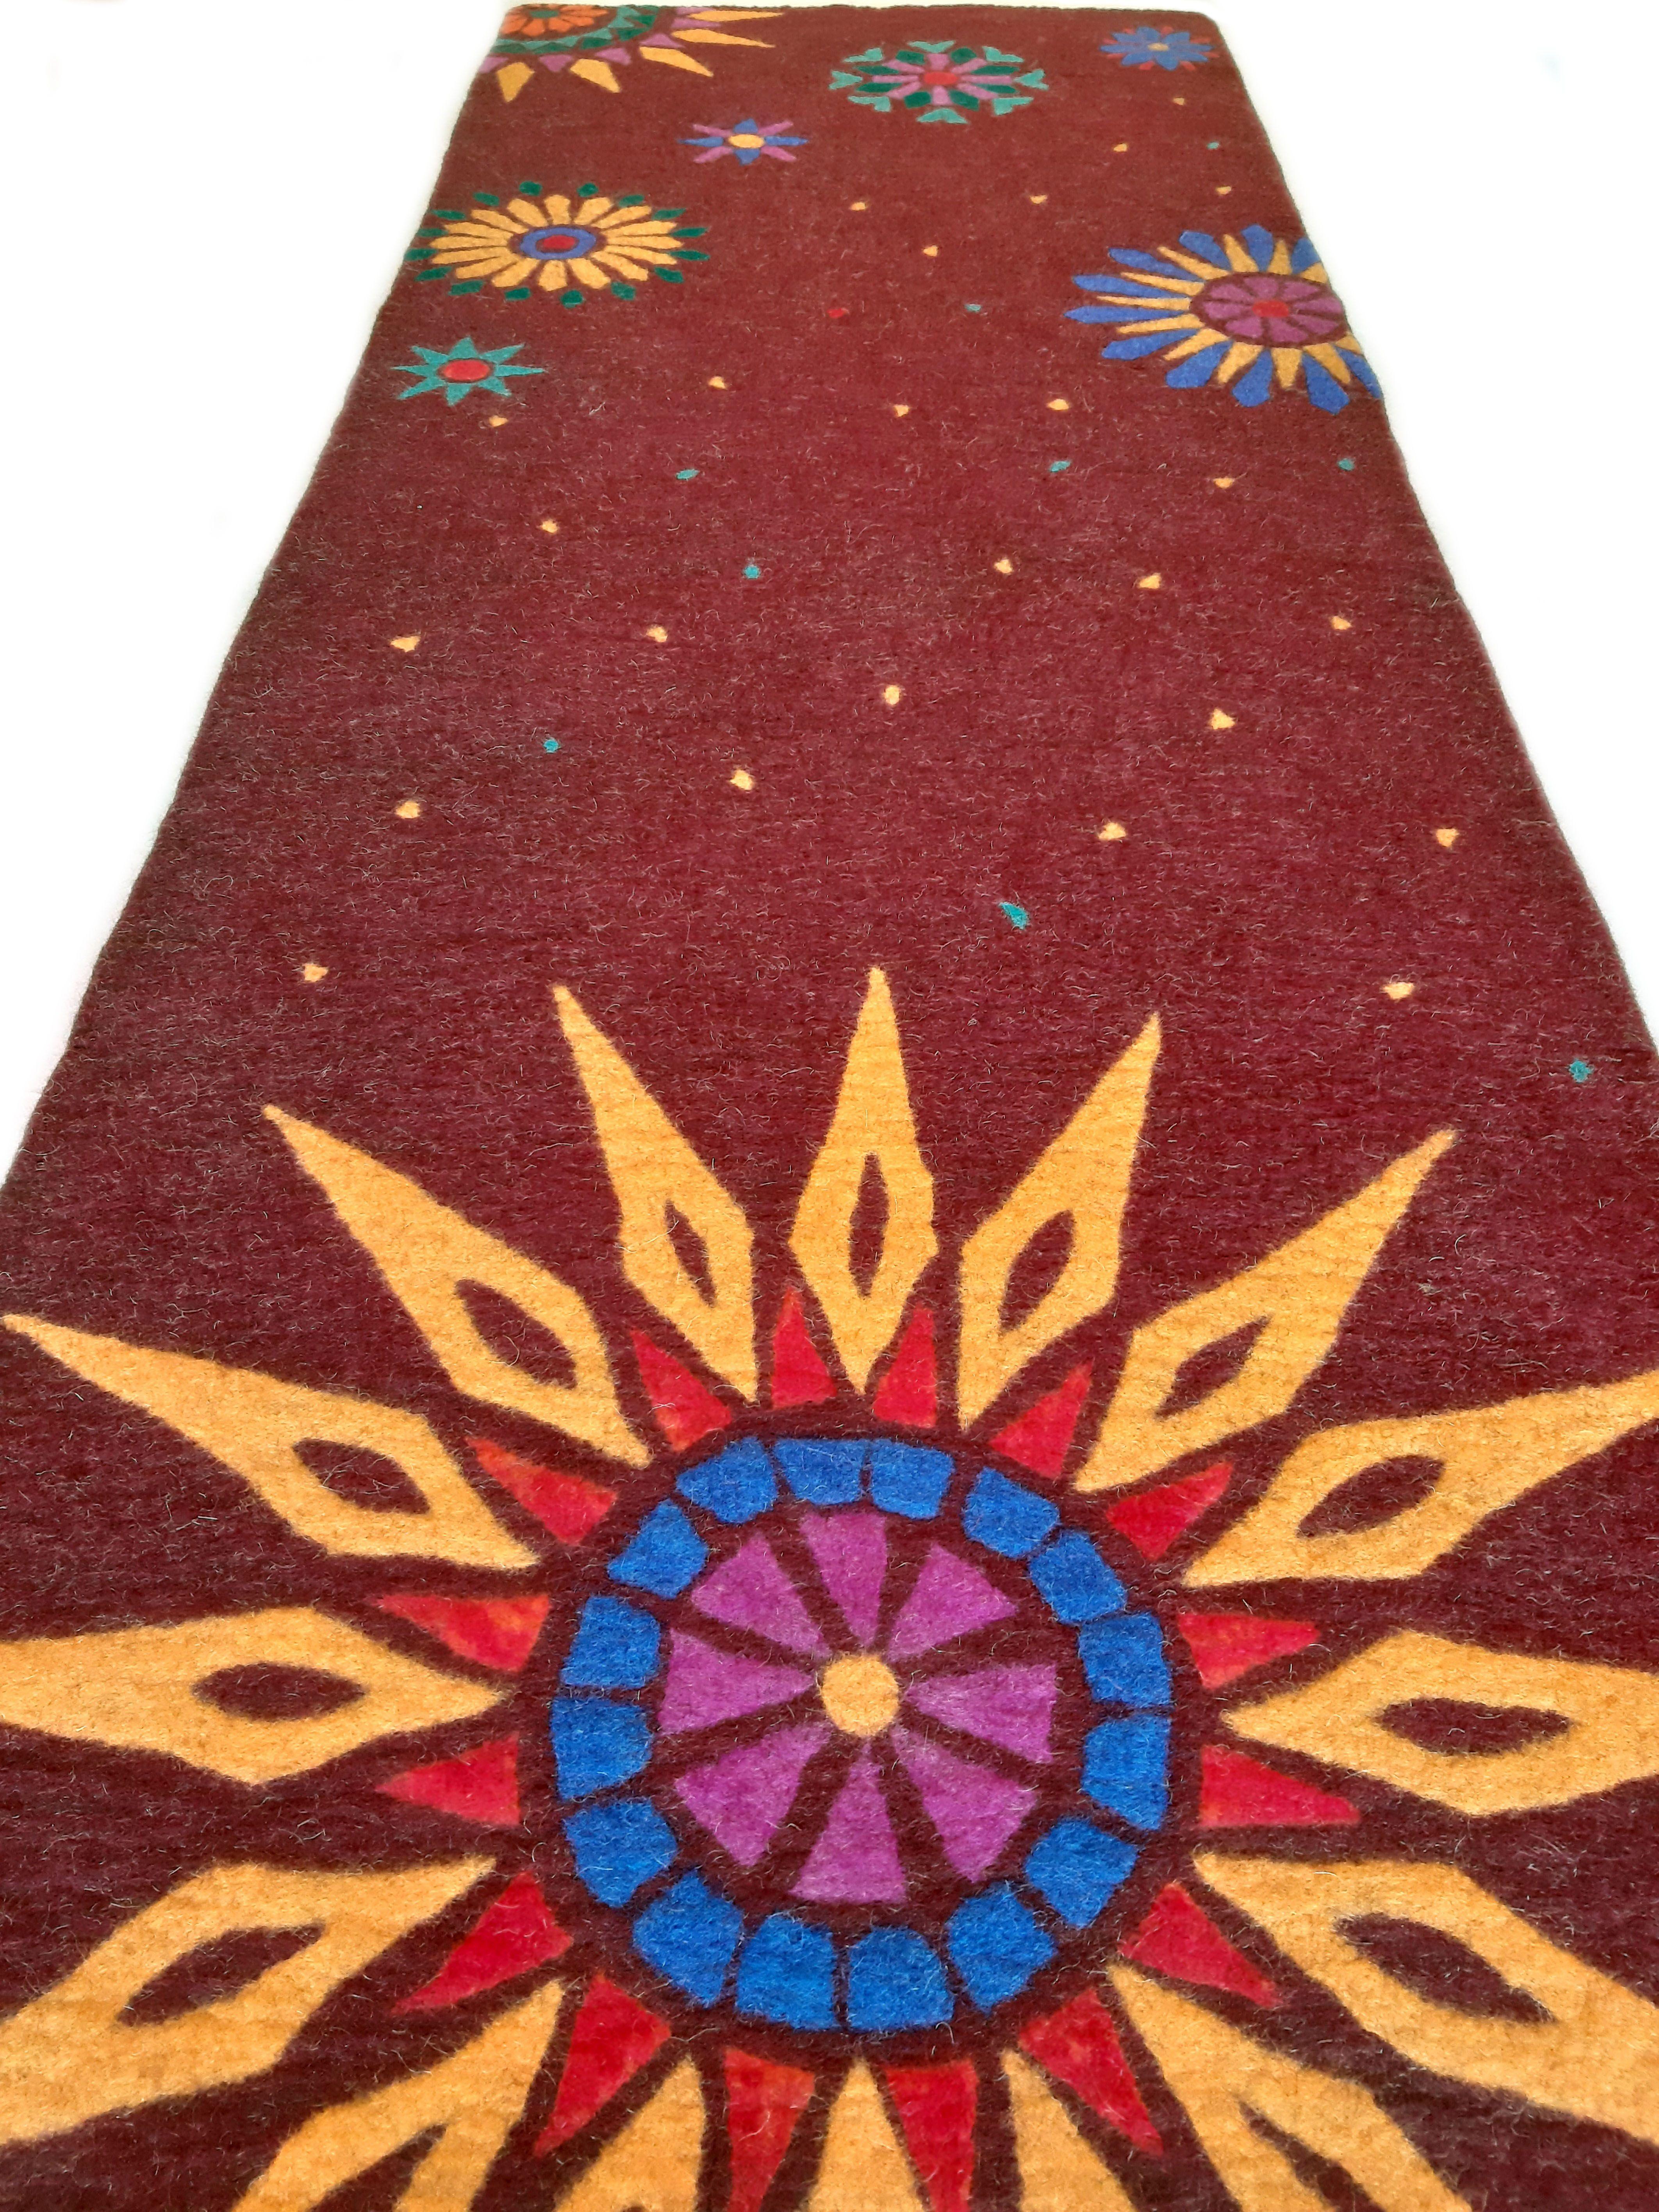 37+ Yoga mat as rug ideas